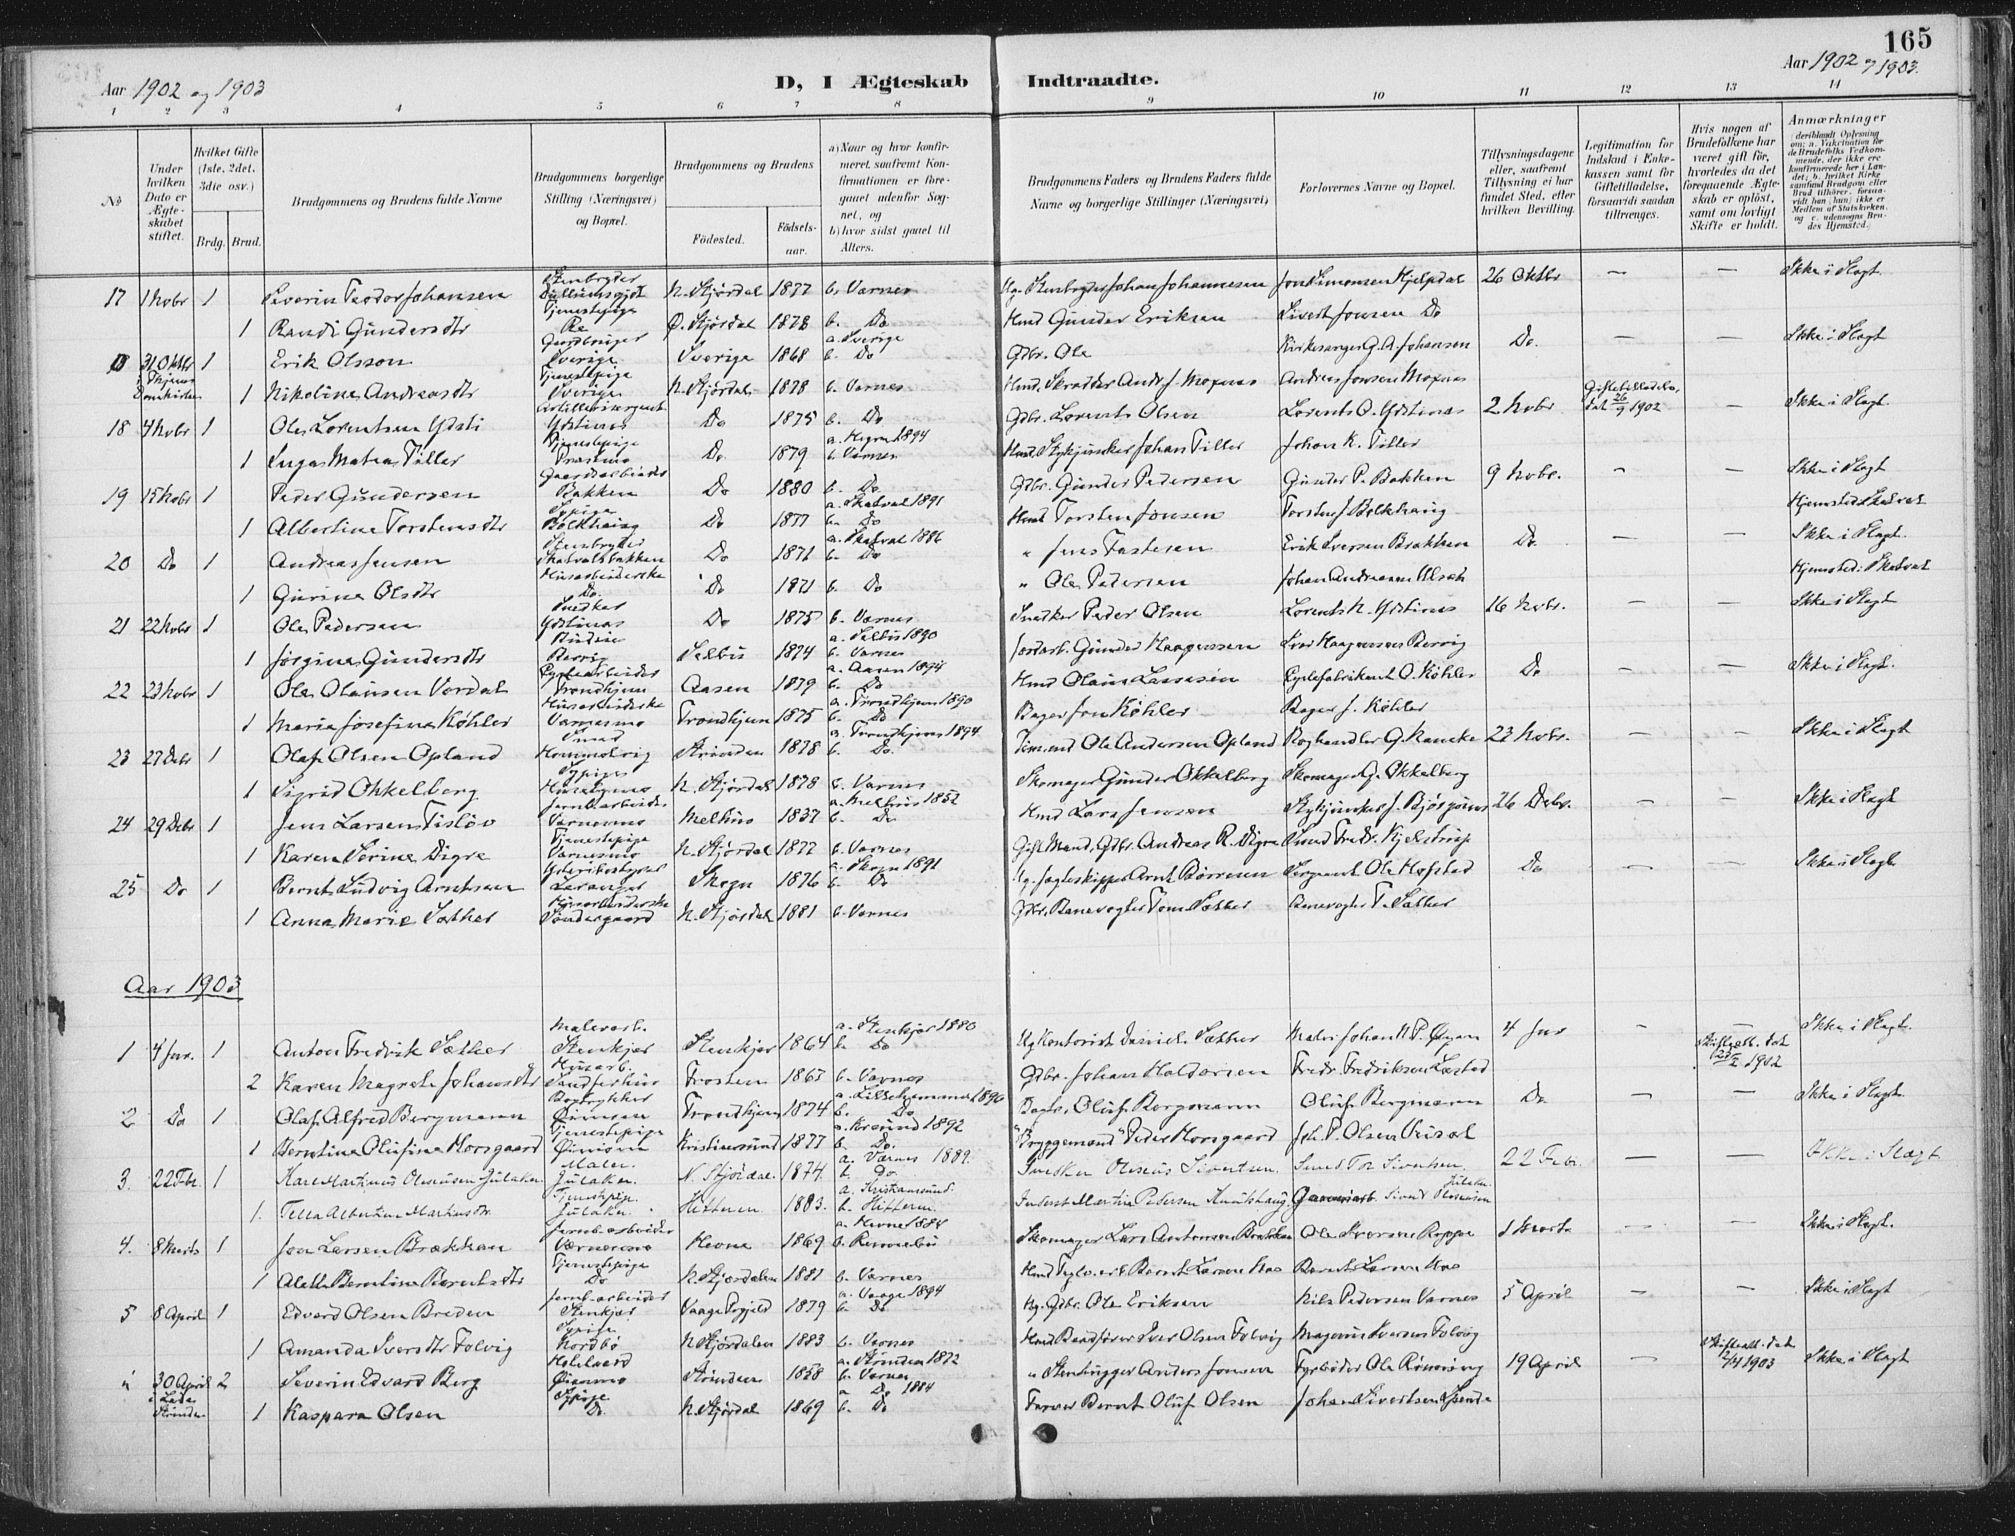 SAT, Ministerialprotokoller, klokkerbøker og fødselsregistre - Nord-Trøndelag, 709/L0082: Ministerialbok nr. 709A22, 1896-1916, s. 165